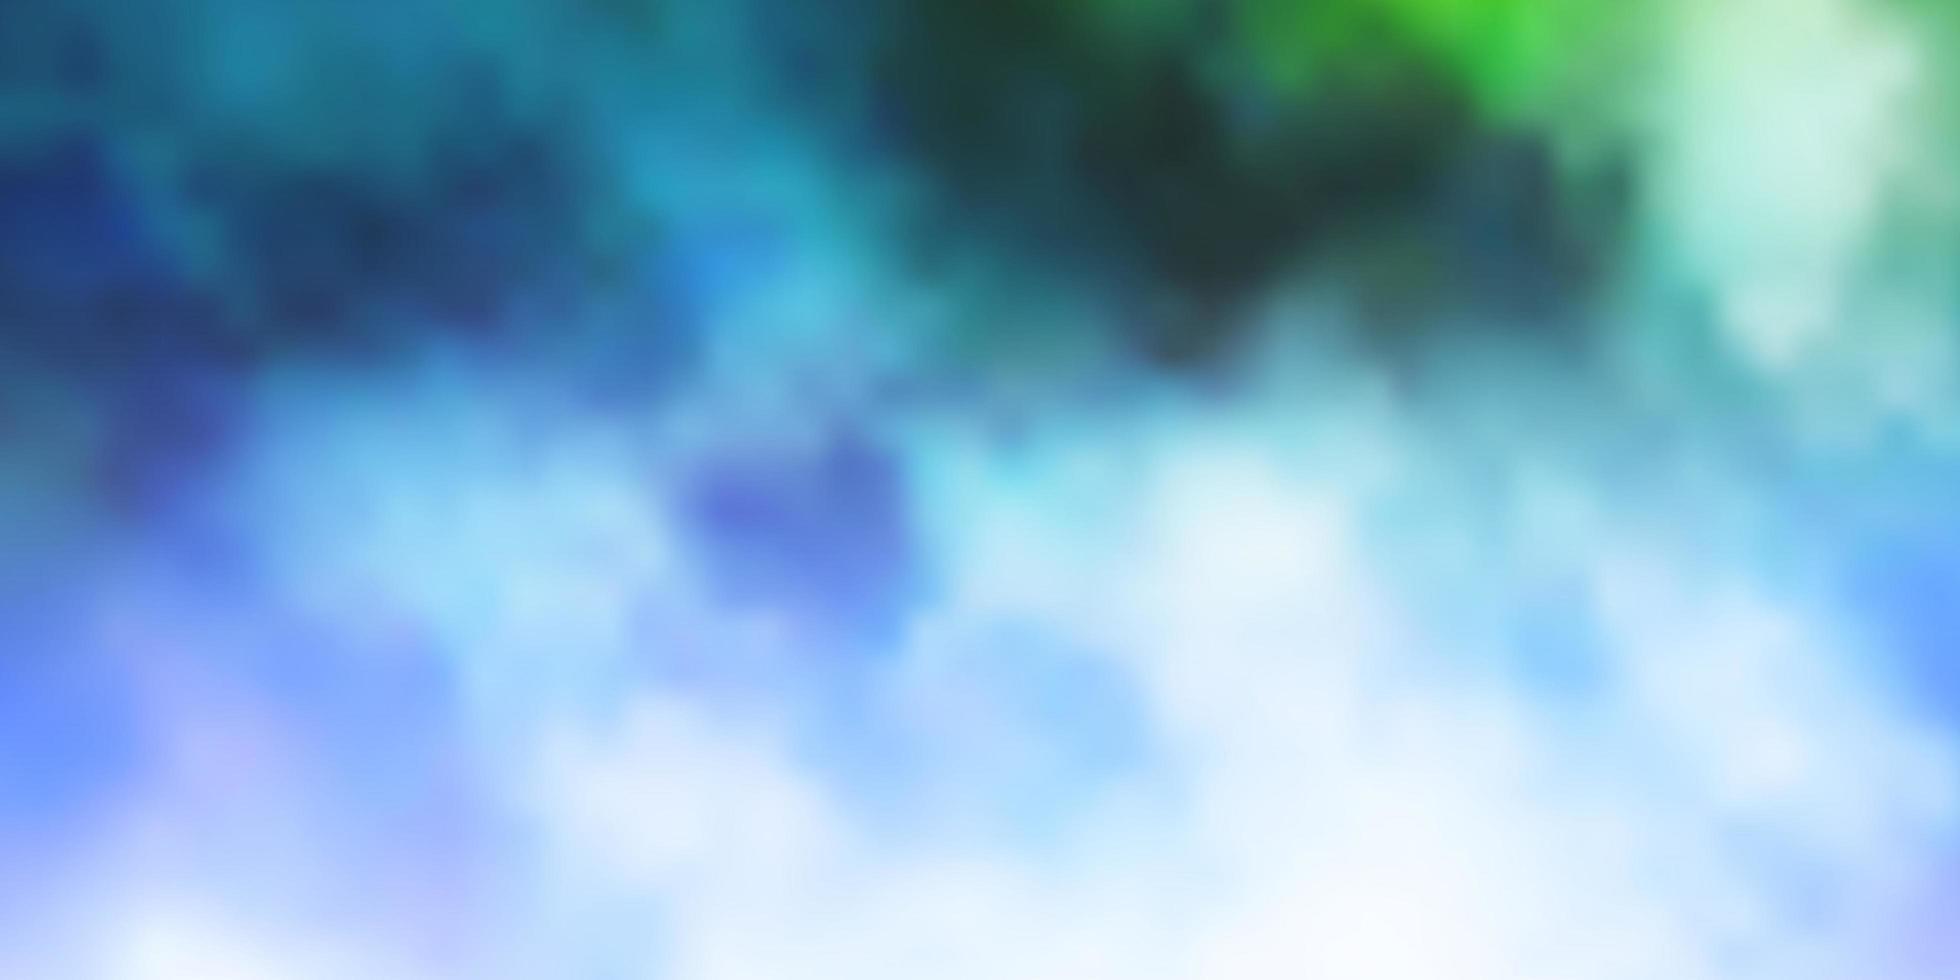 modello vettoriale azzurro, verde con nuvole.